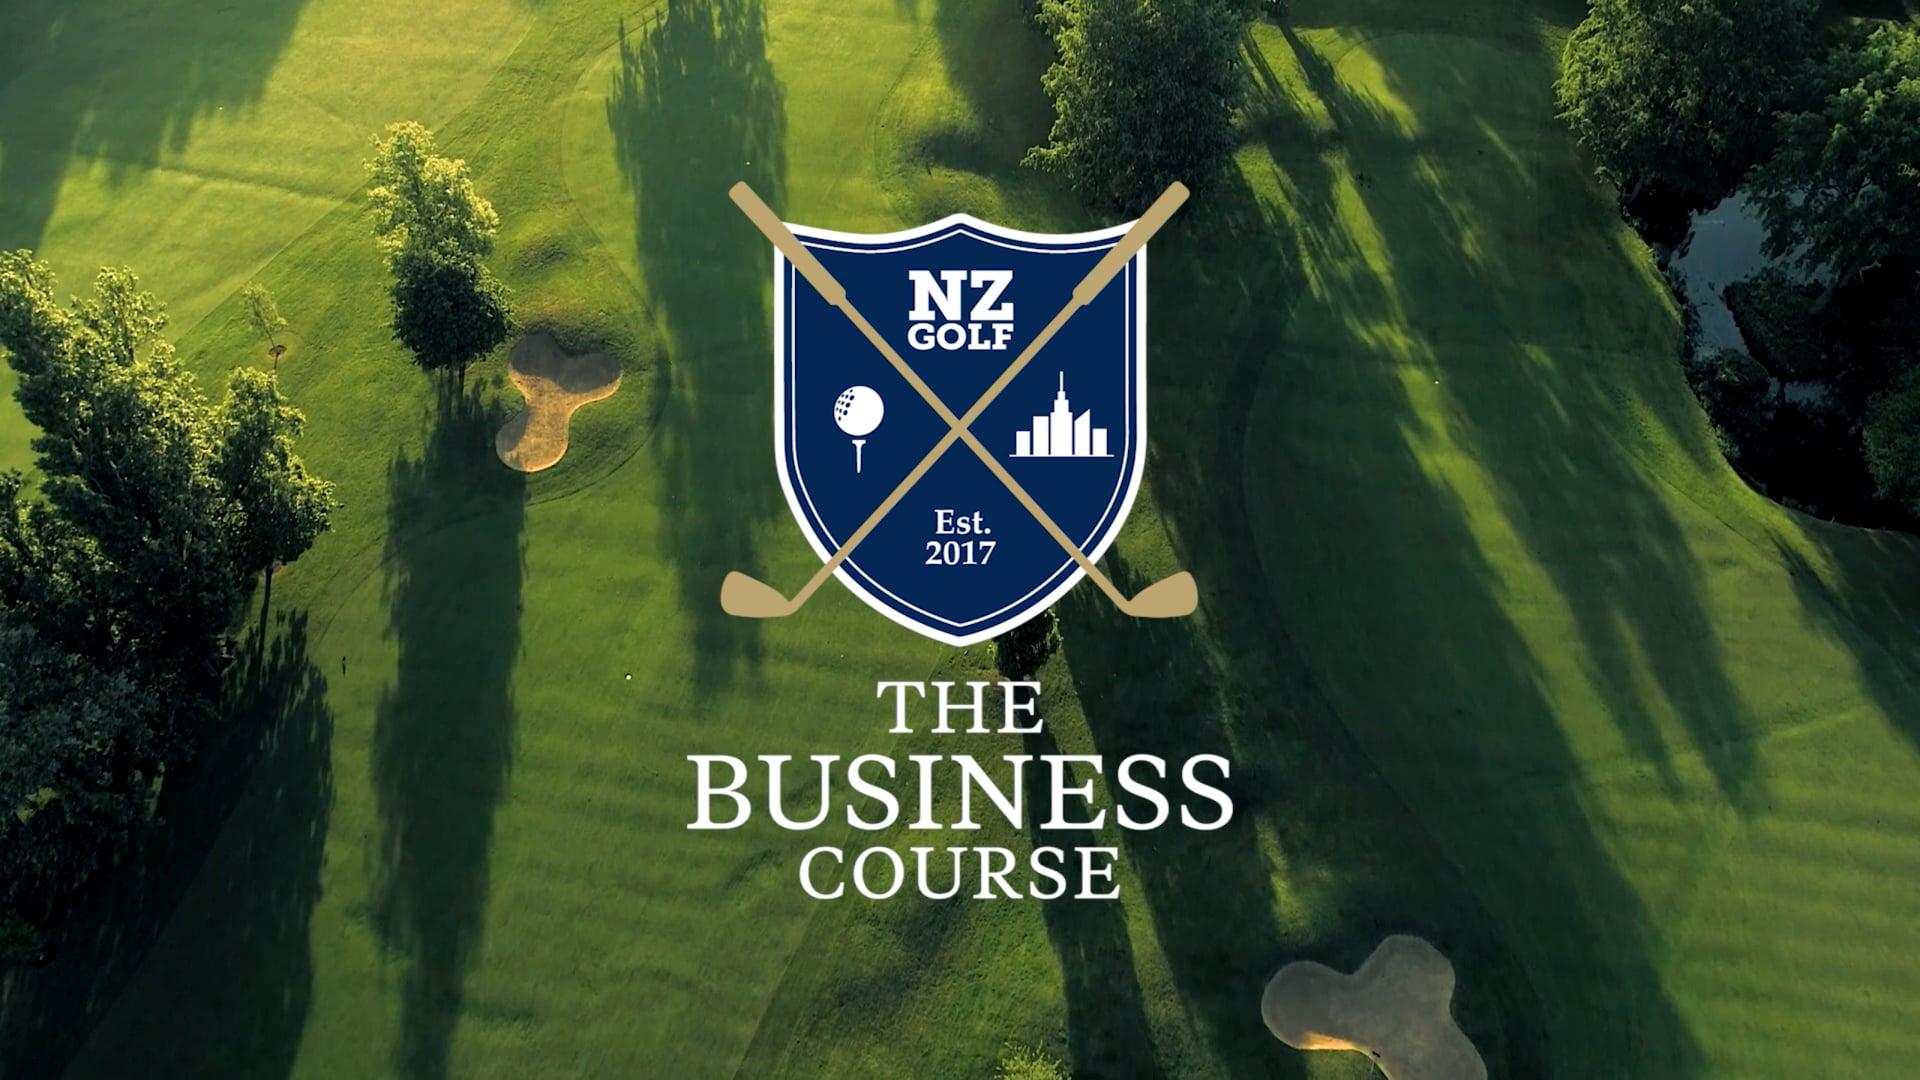 NZ Golf Busines Course